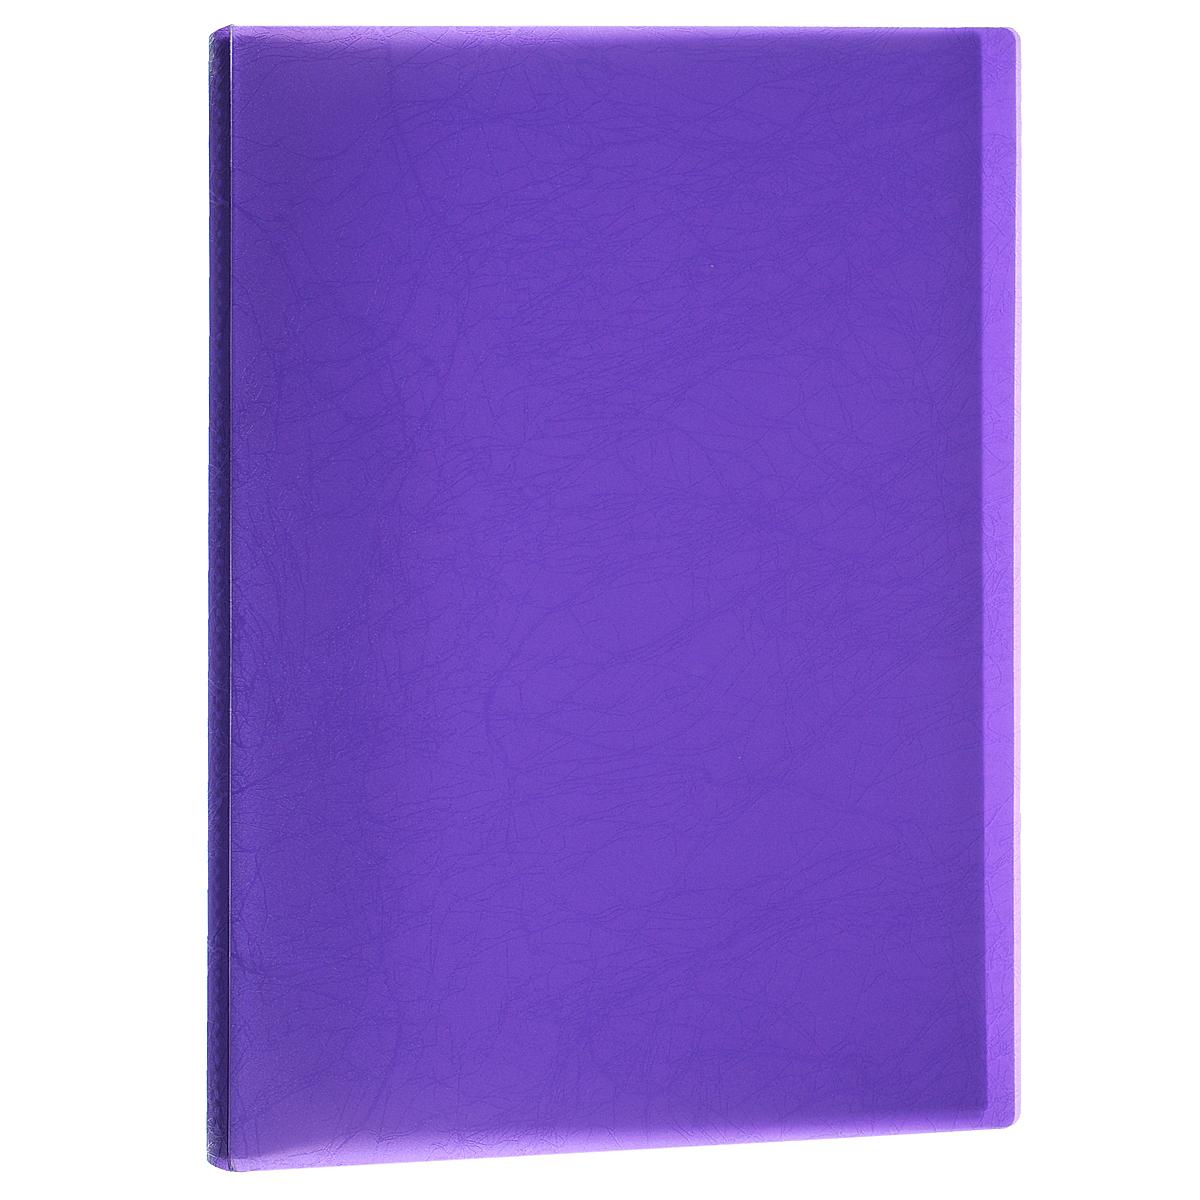 Папка Centrum, 20 файлов, цвет: фиолетовый. Формат А484035ФПапка Centrum - это удобный и функциональный офисный инструмент, предназначенный для хранения и транспортировки рабочих бумаг и документов формата А4.Папка изготовлена из прочного высококачественного пластика и включает в себя 20 прозрачных вкладышей-файлов. Обложка папки оформлена тиснением под кожу. Папка имеет опрятный и неброский вид. Уголки папки имеют закругленную форму, что предотвращает их загибание и помогает надолго сохранить опрятный вид обложки.Папка - это незаменимый атрибут для любого студента, школьника или офисного работника. Такая папка надежно сохранит ваши бумаги и сбережет их от повреждений, пыли и влаги.